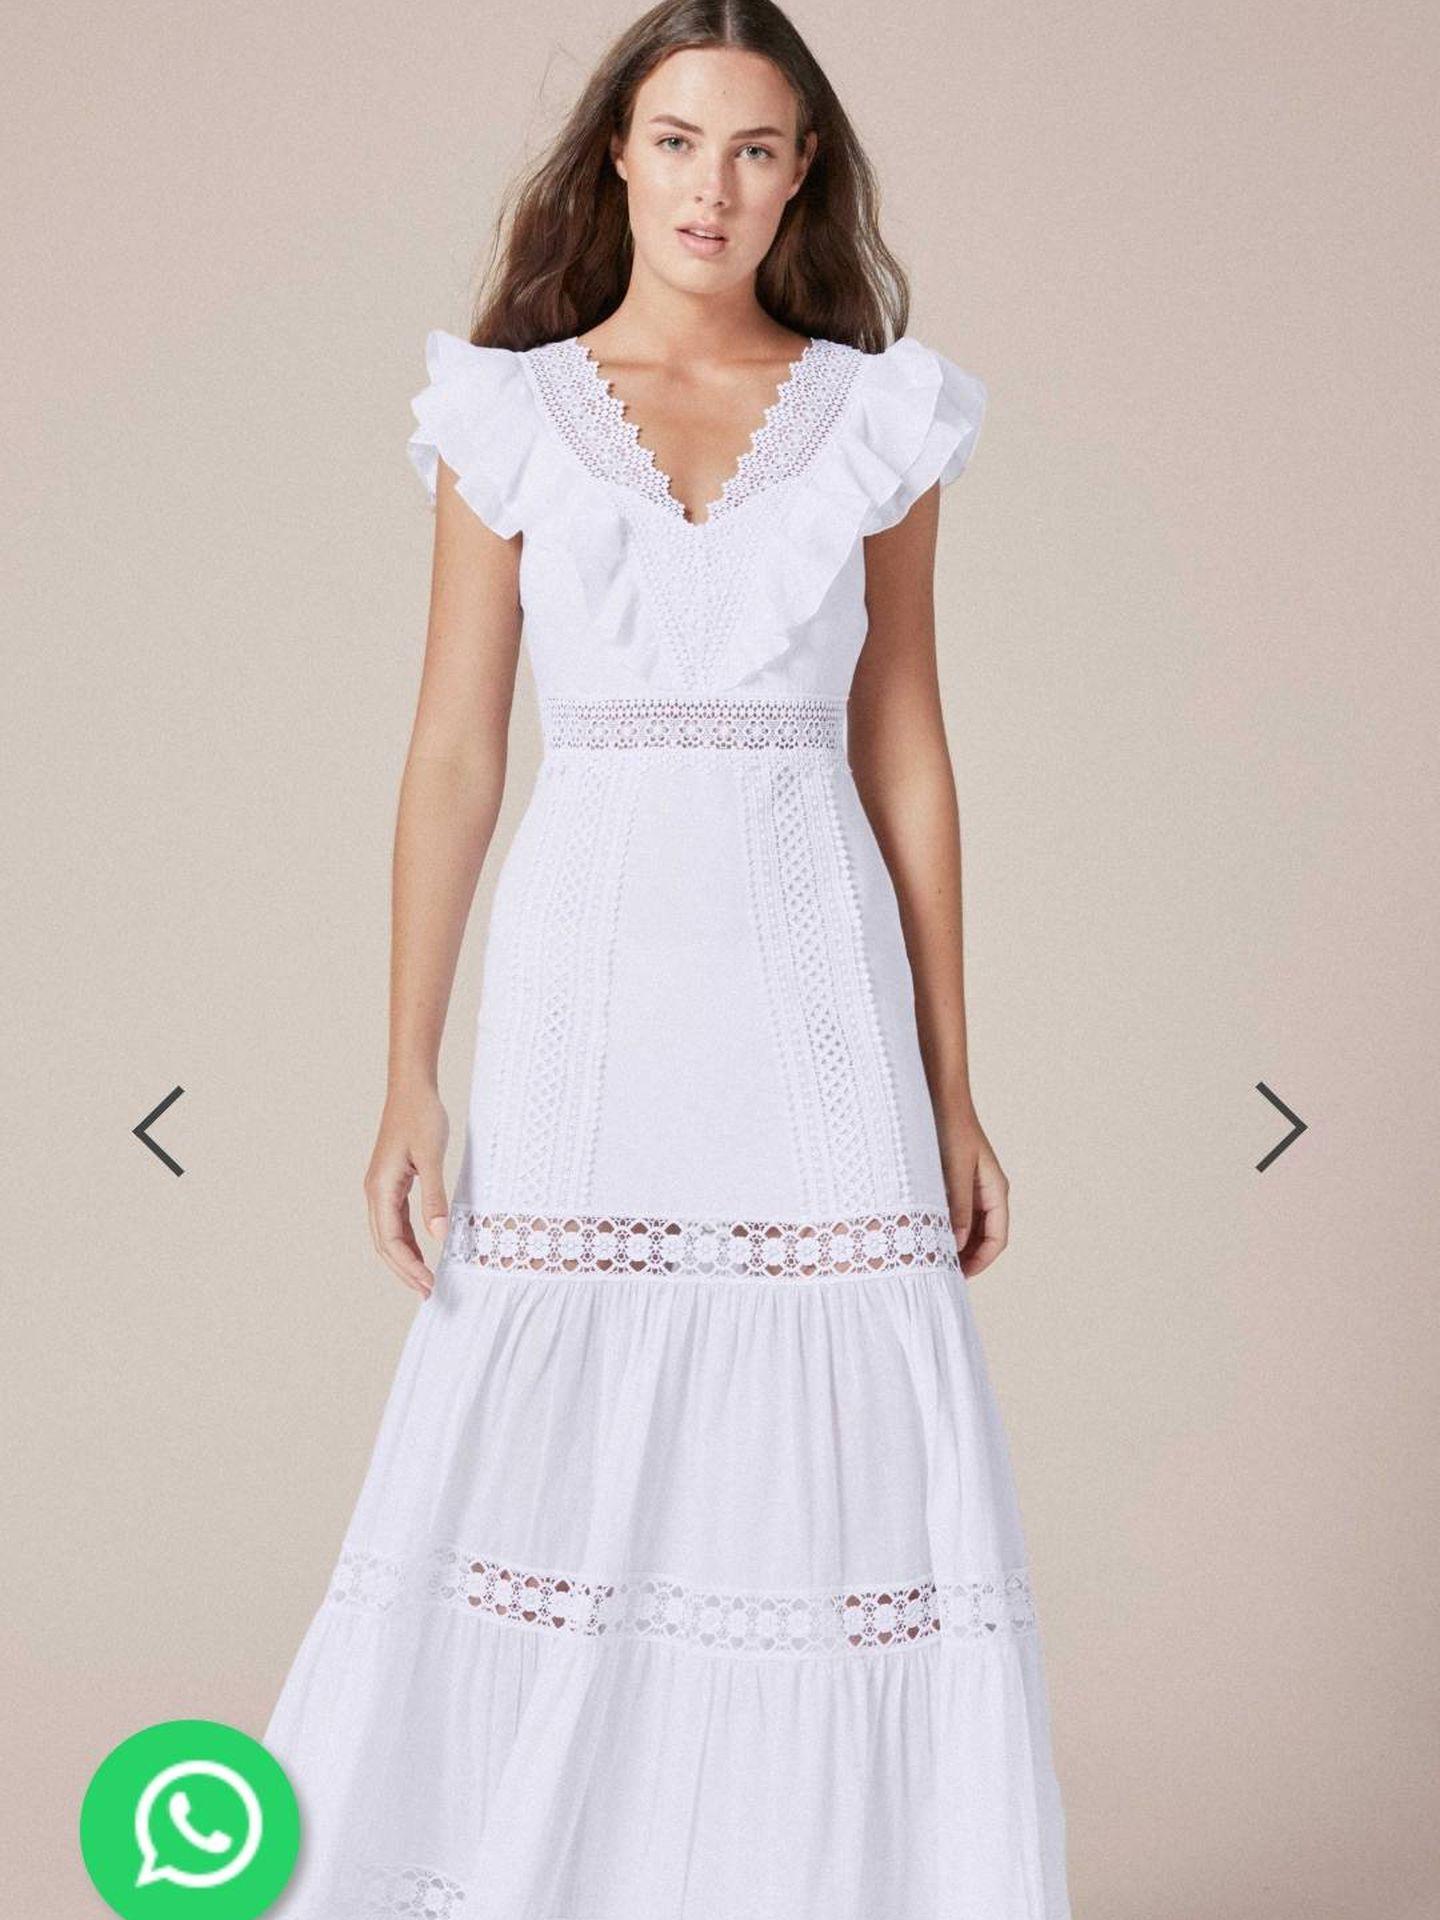 El vestido de la reina.